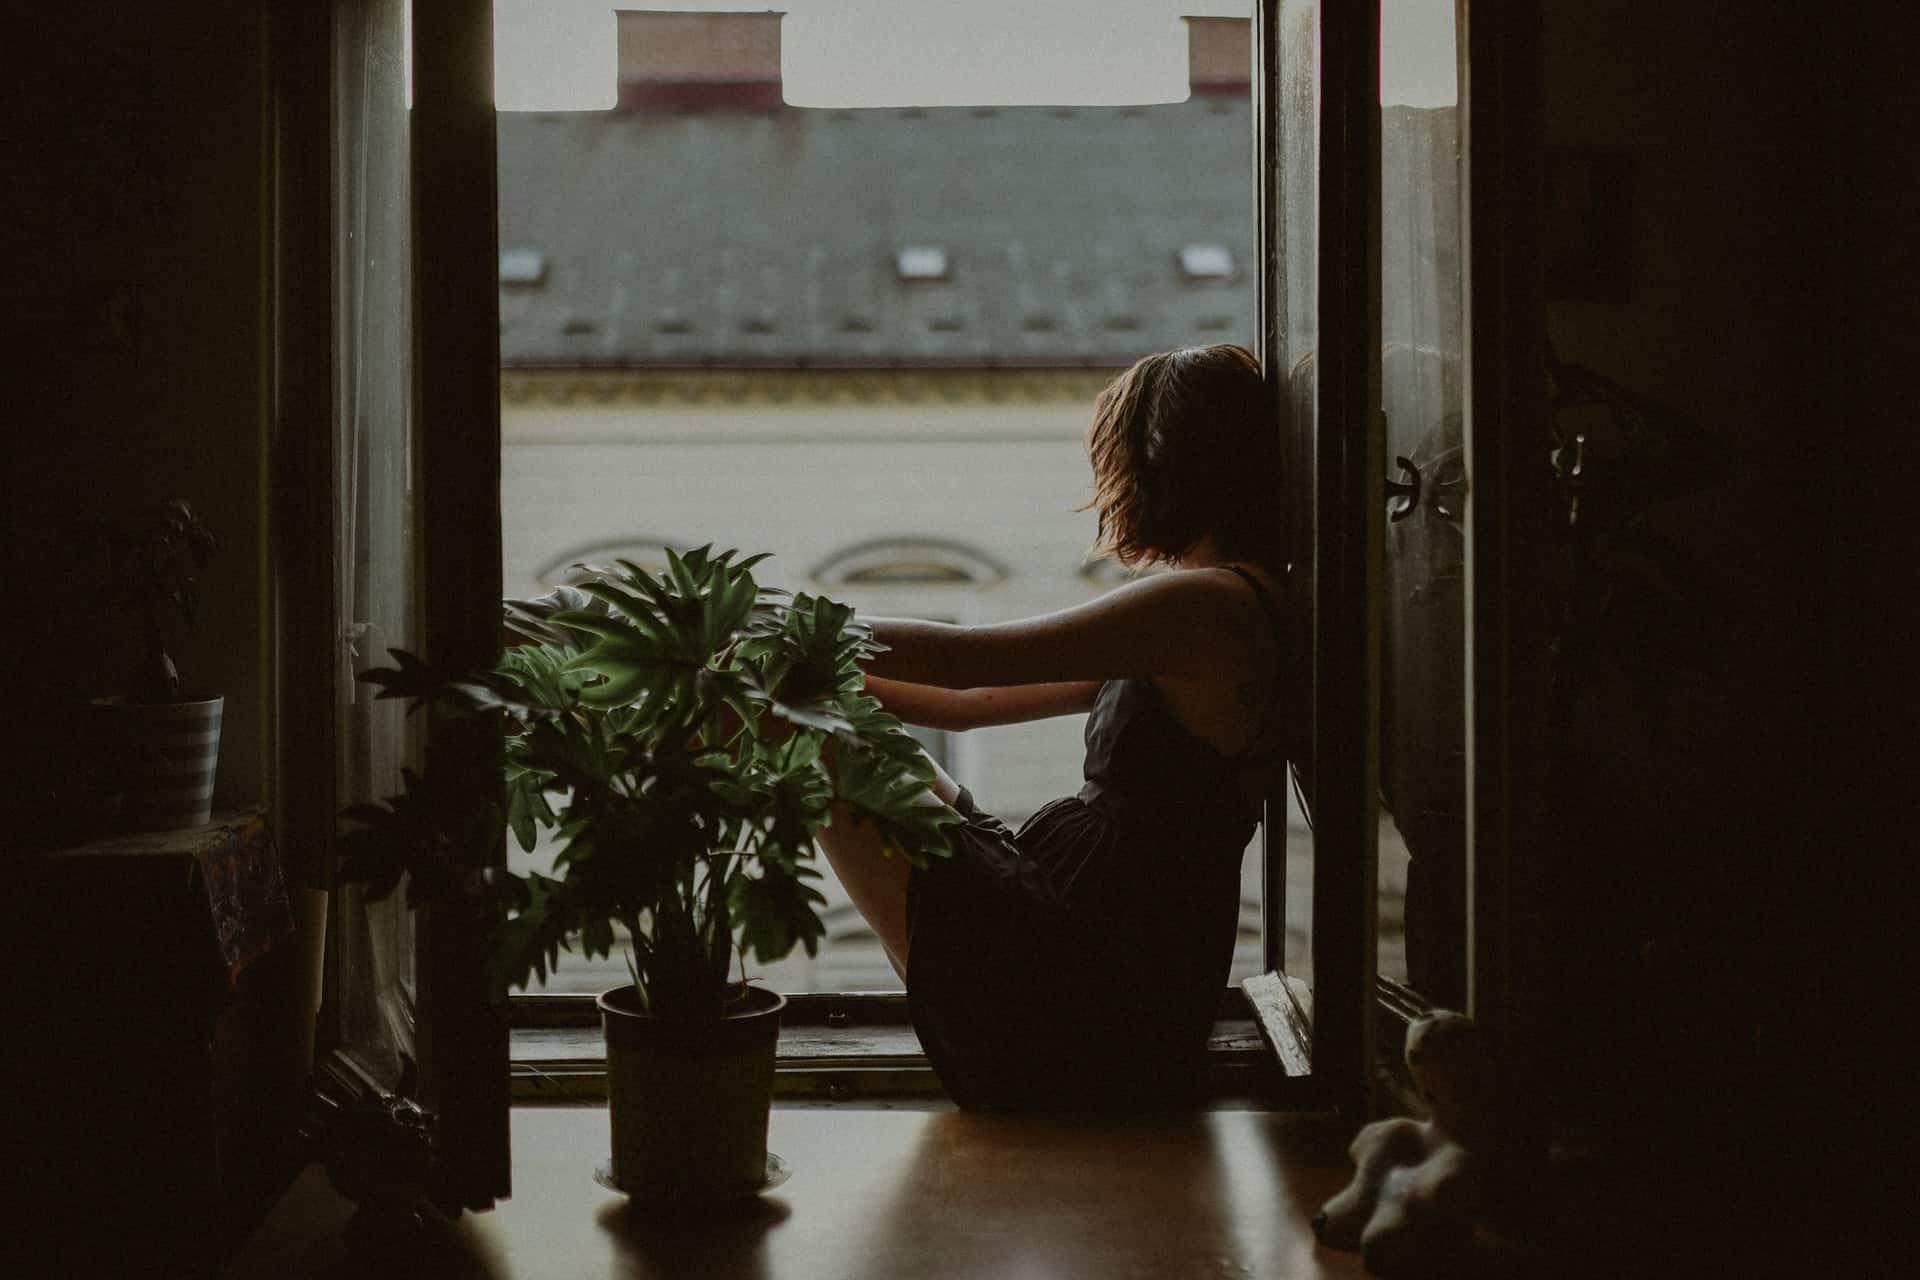 la femme est assise devant une fenêtre ouvertež